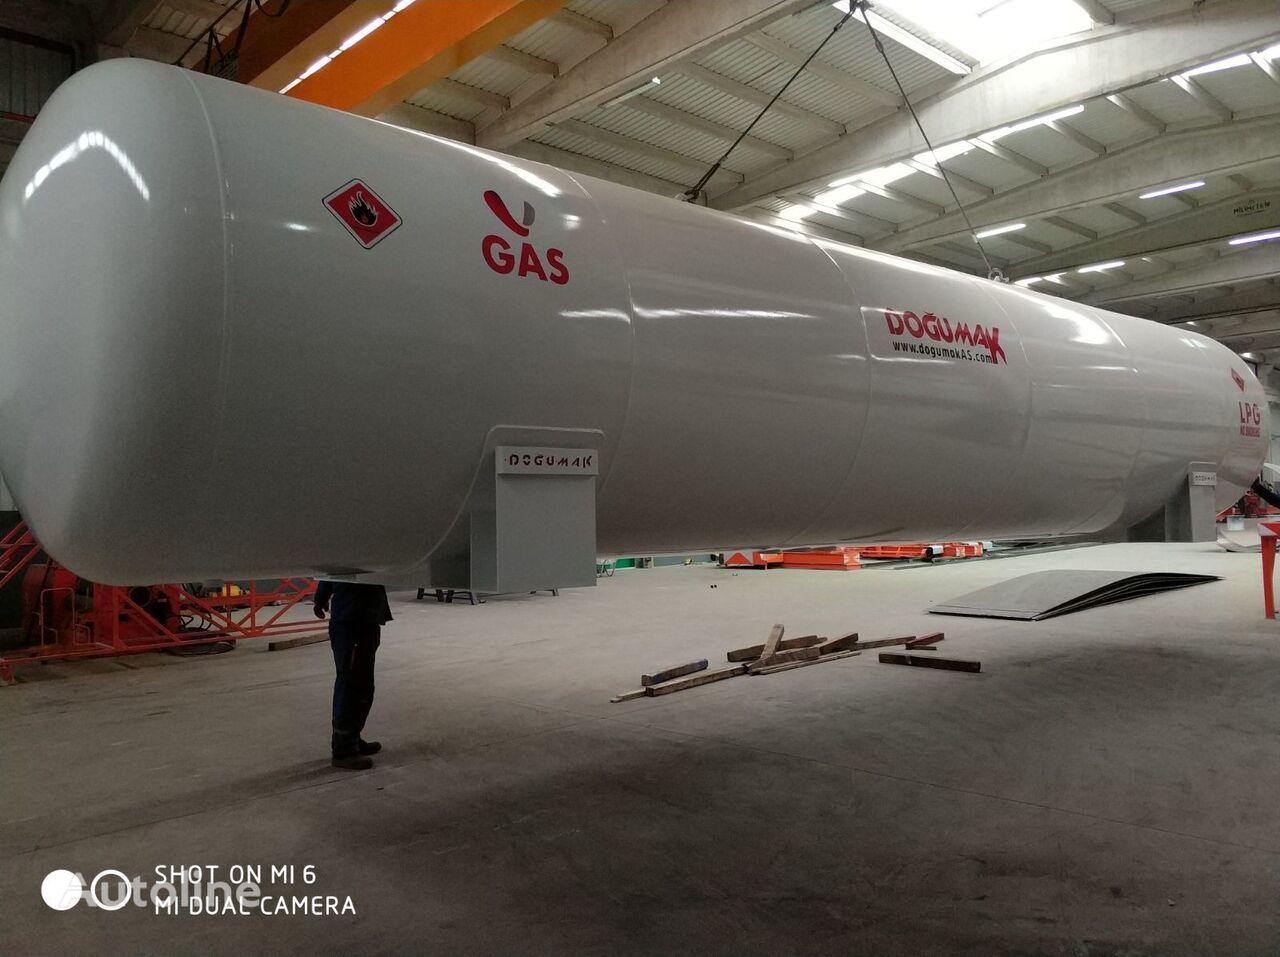 cisterna para gás DOĞUMAK DOGUMAK LPG ST-46 novo